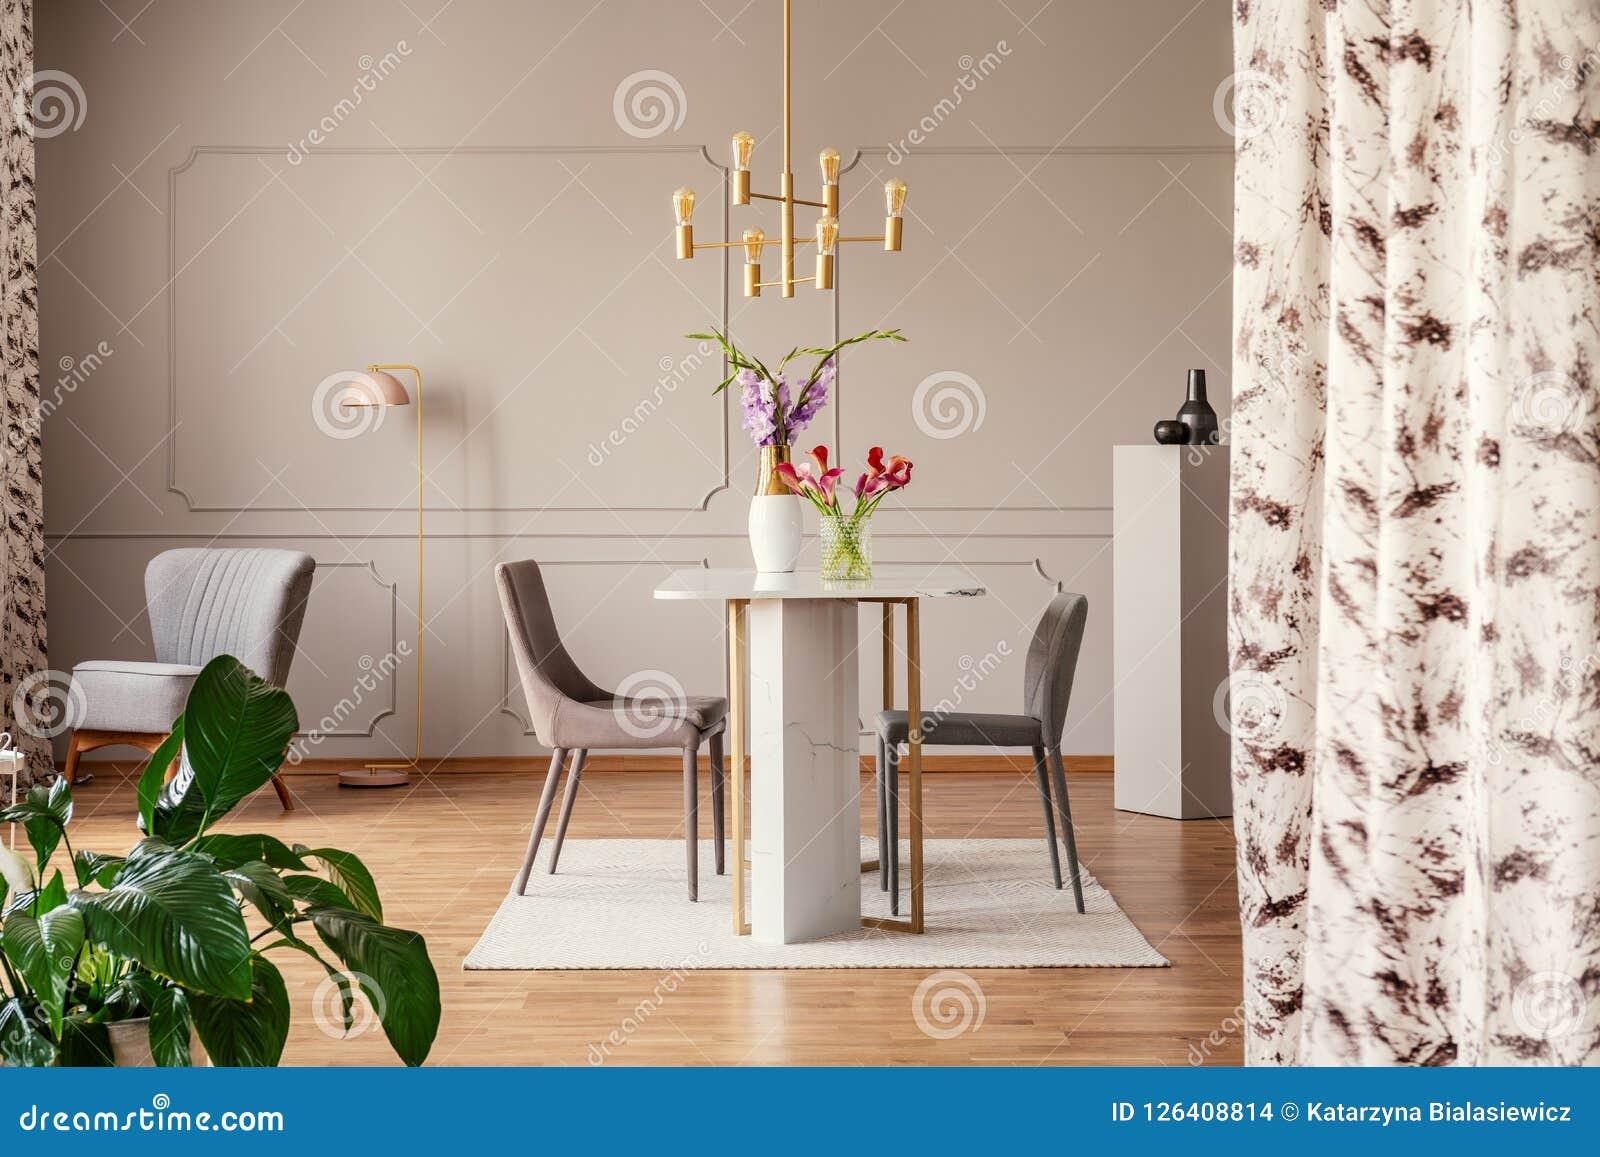 Gouden lamp boven stoelen en lijst met bloemen in elegant eetkamerbinnenland met installatie Echte foto